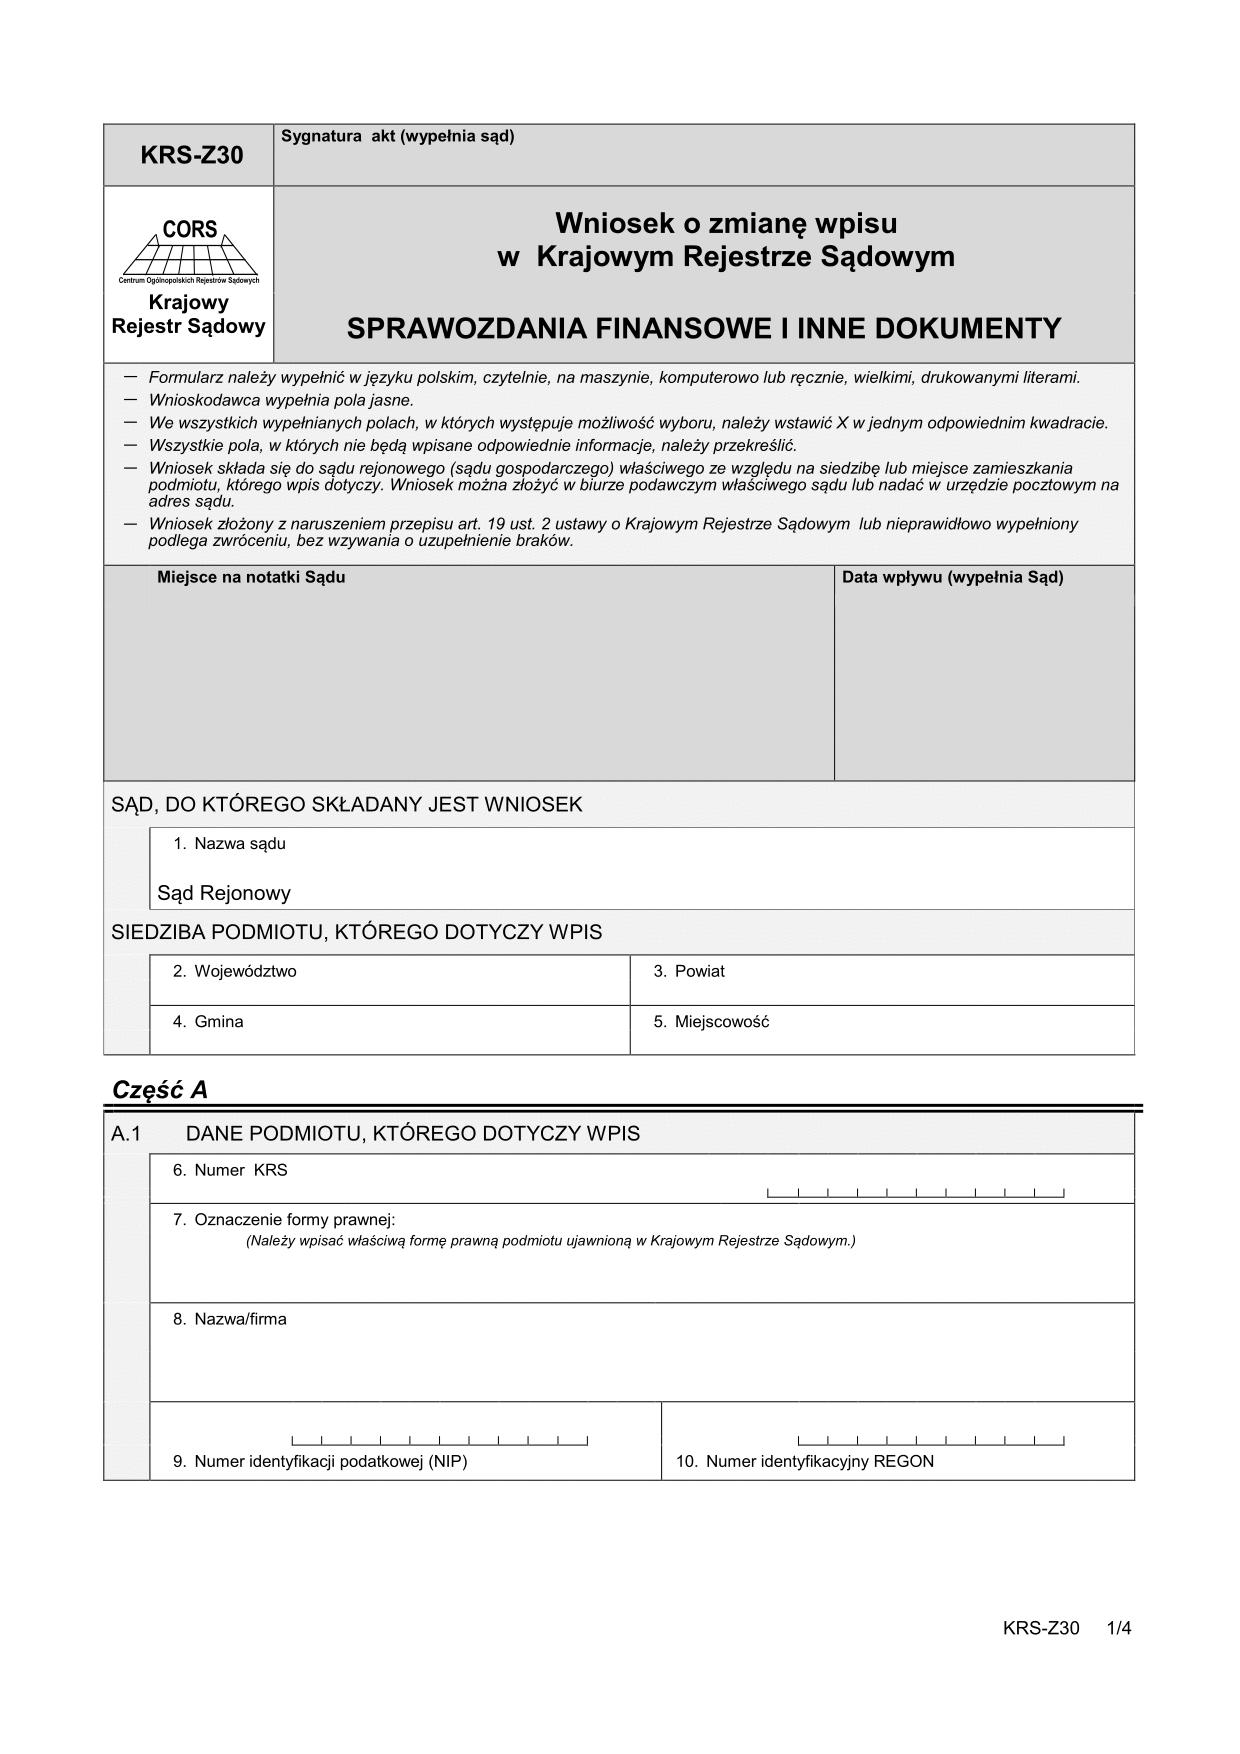 KRS-Z30 Wniosek o zmianę wpisu w Krajowym Rejestrze Sądowym - Sprawozdania finansowe i inne dokumenty